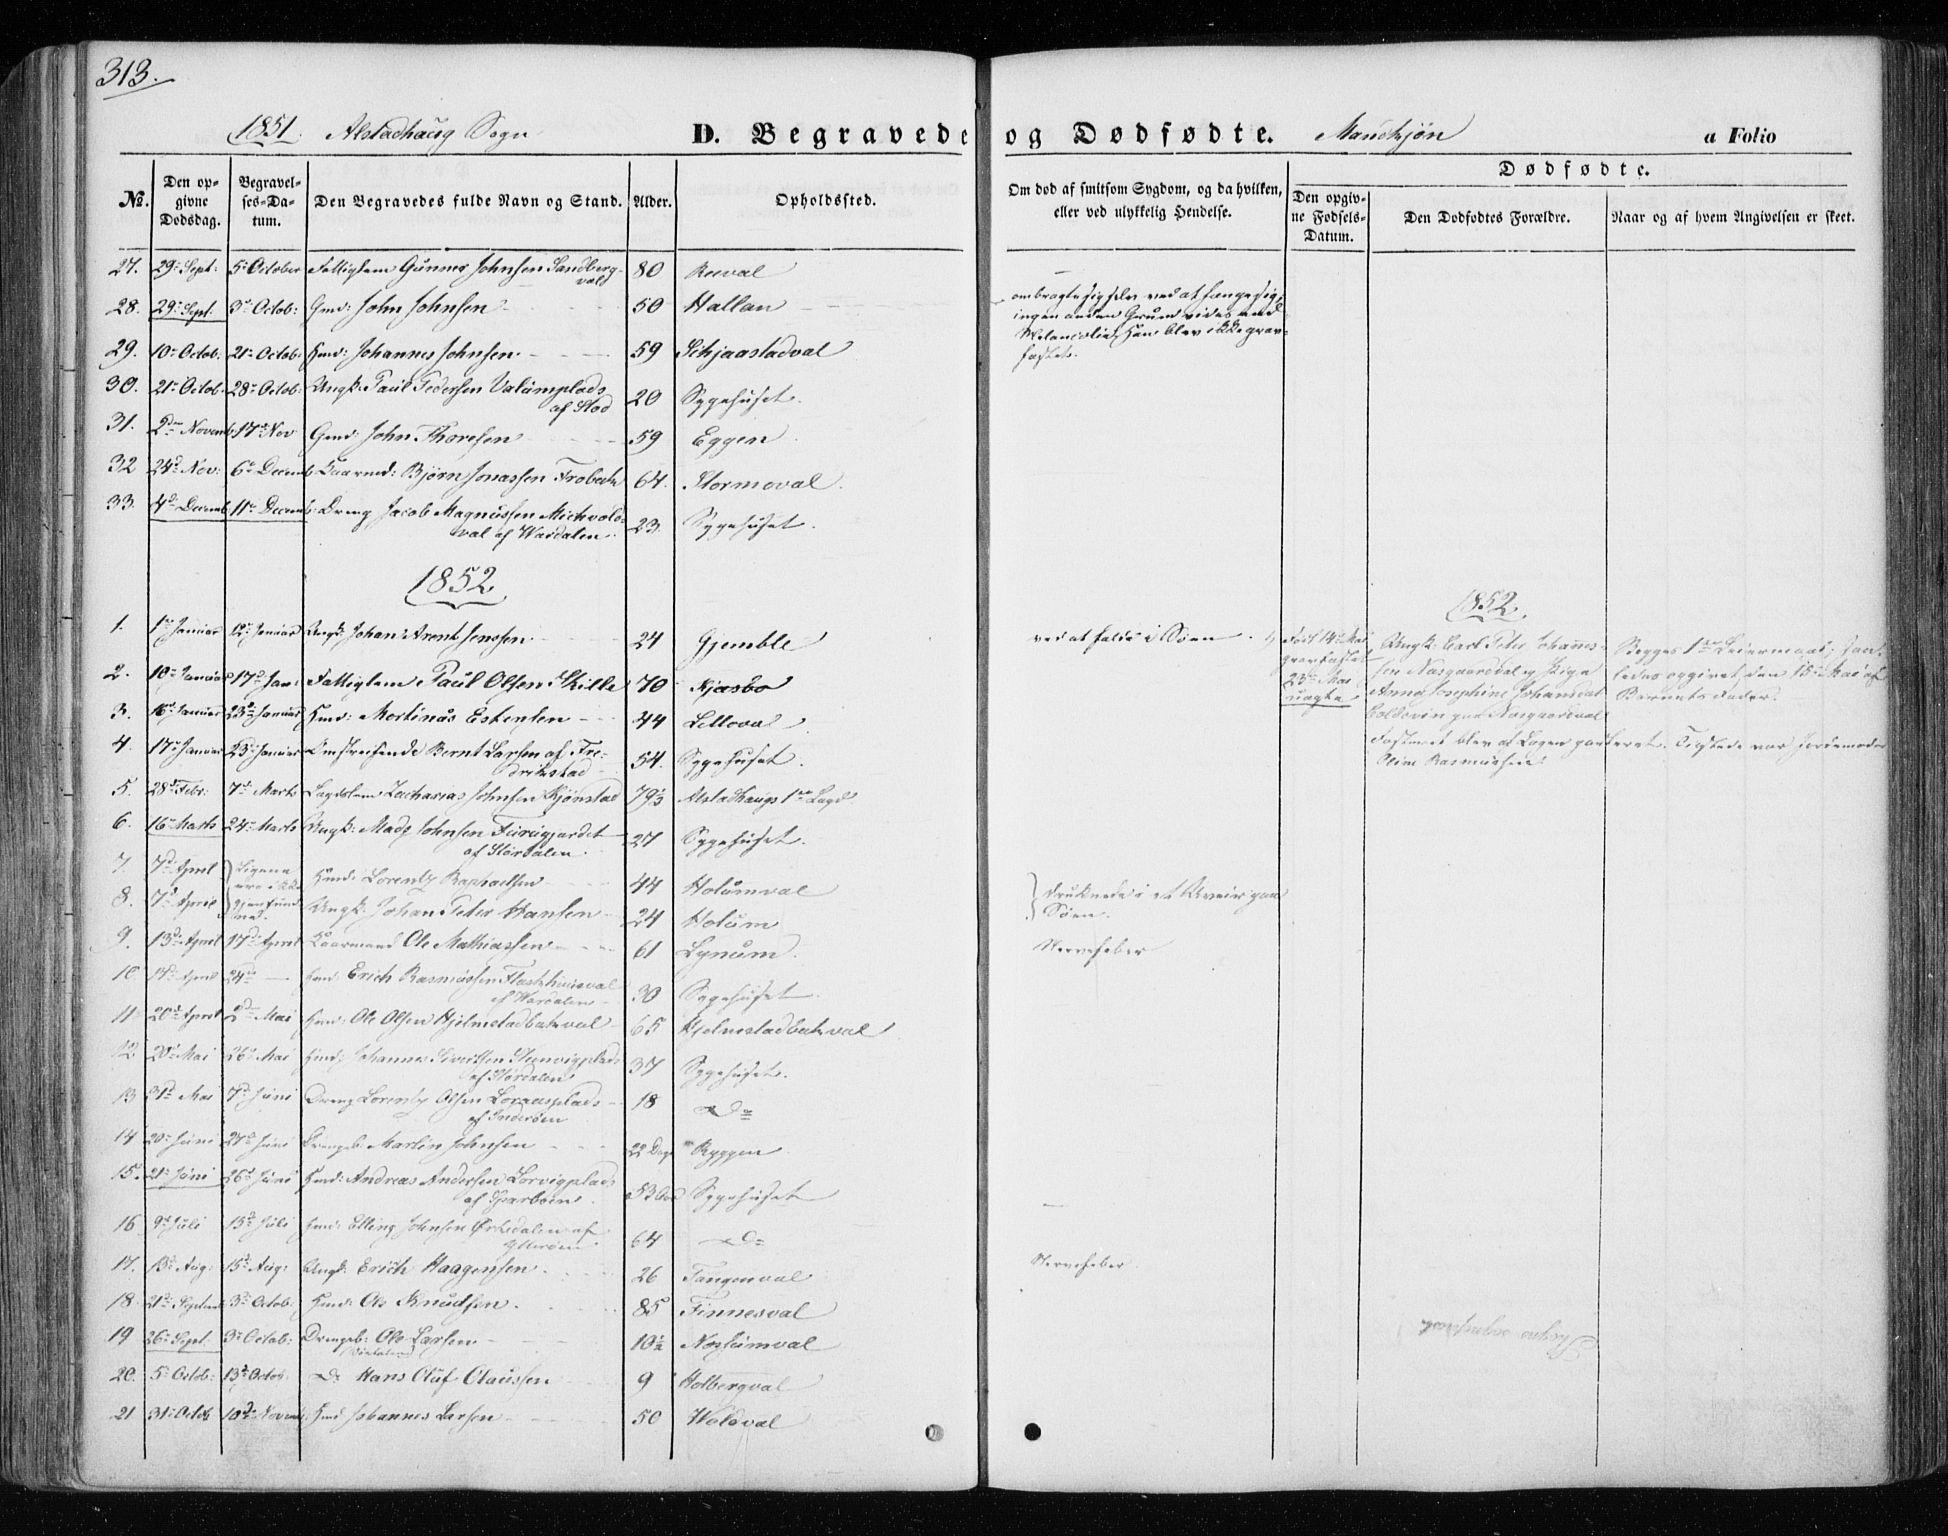 SAT, Ministerialprotokoller, klokkerbøker og fødselsregistre - Nord-Trøndelag, 717/L0154: Ministerialbok nr. 717A07 /1, 1850-1862, s. 313